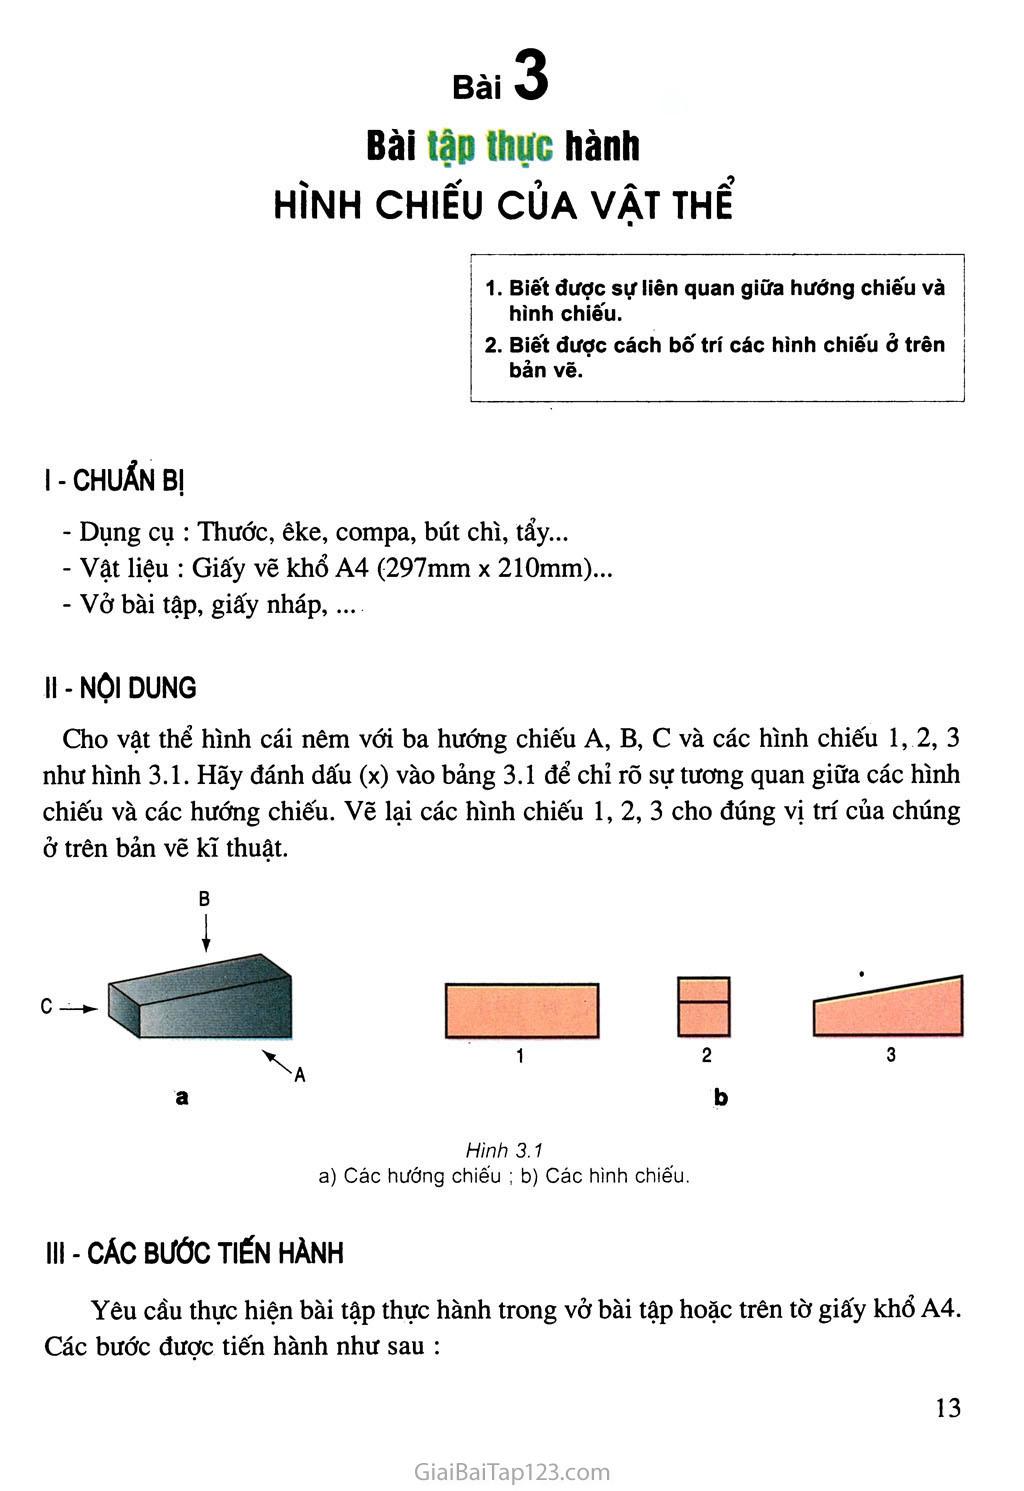 Bài 3. Bài tập thực hành - Hình chiếu của vật thể trang 1